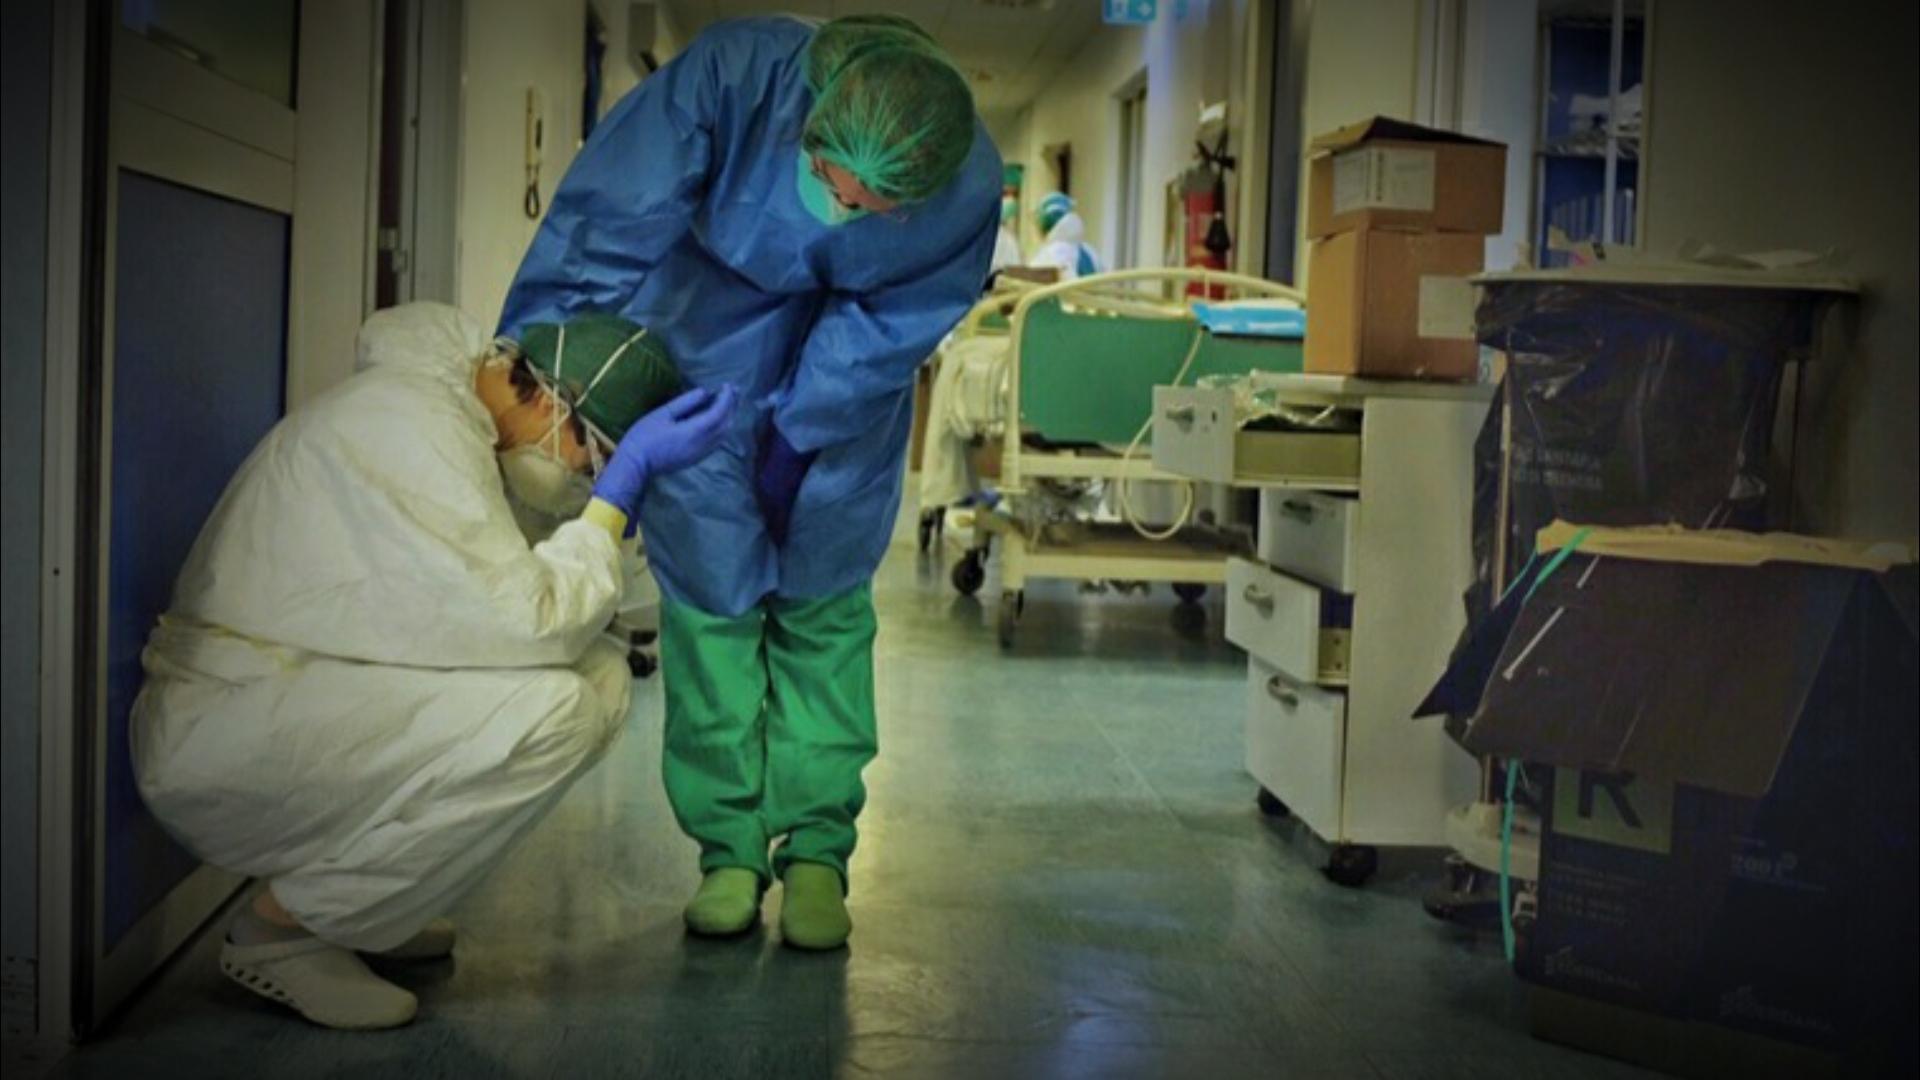 ALERTĂ | Zeci de medici, managerul Spitalul Municipal Adjud și viceprimarul, suspecți de infectare cu coronavirus